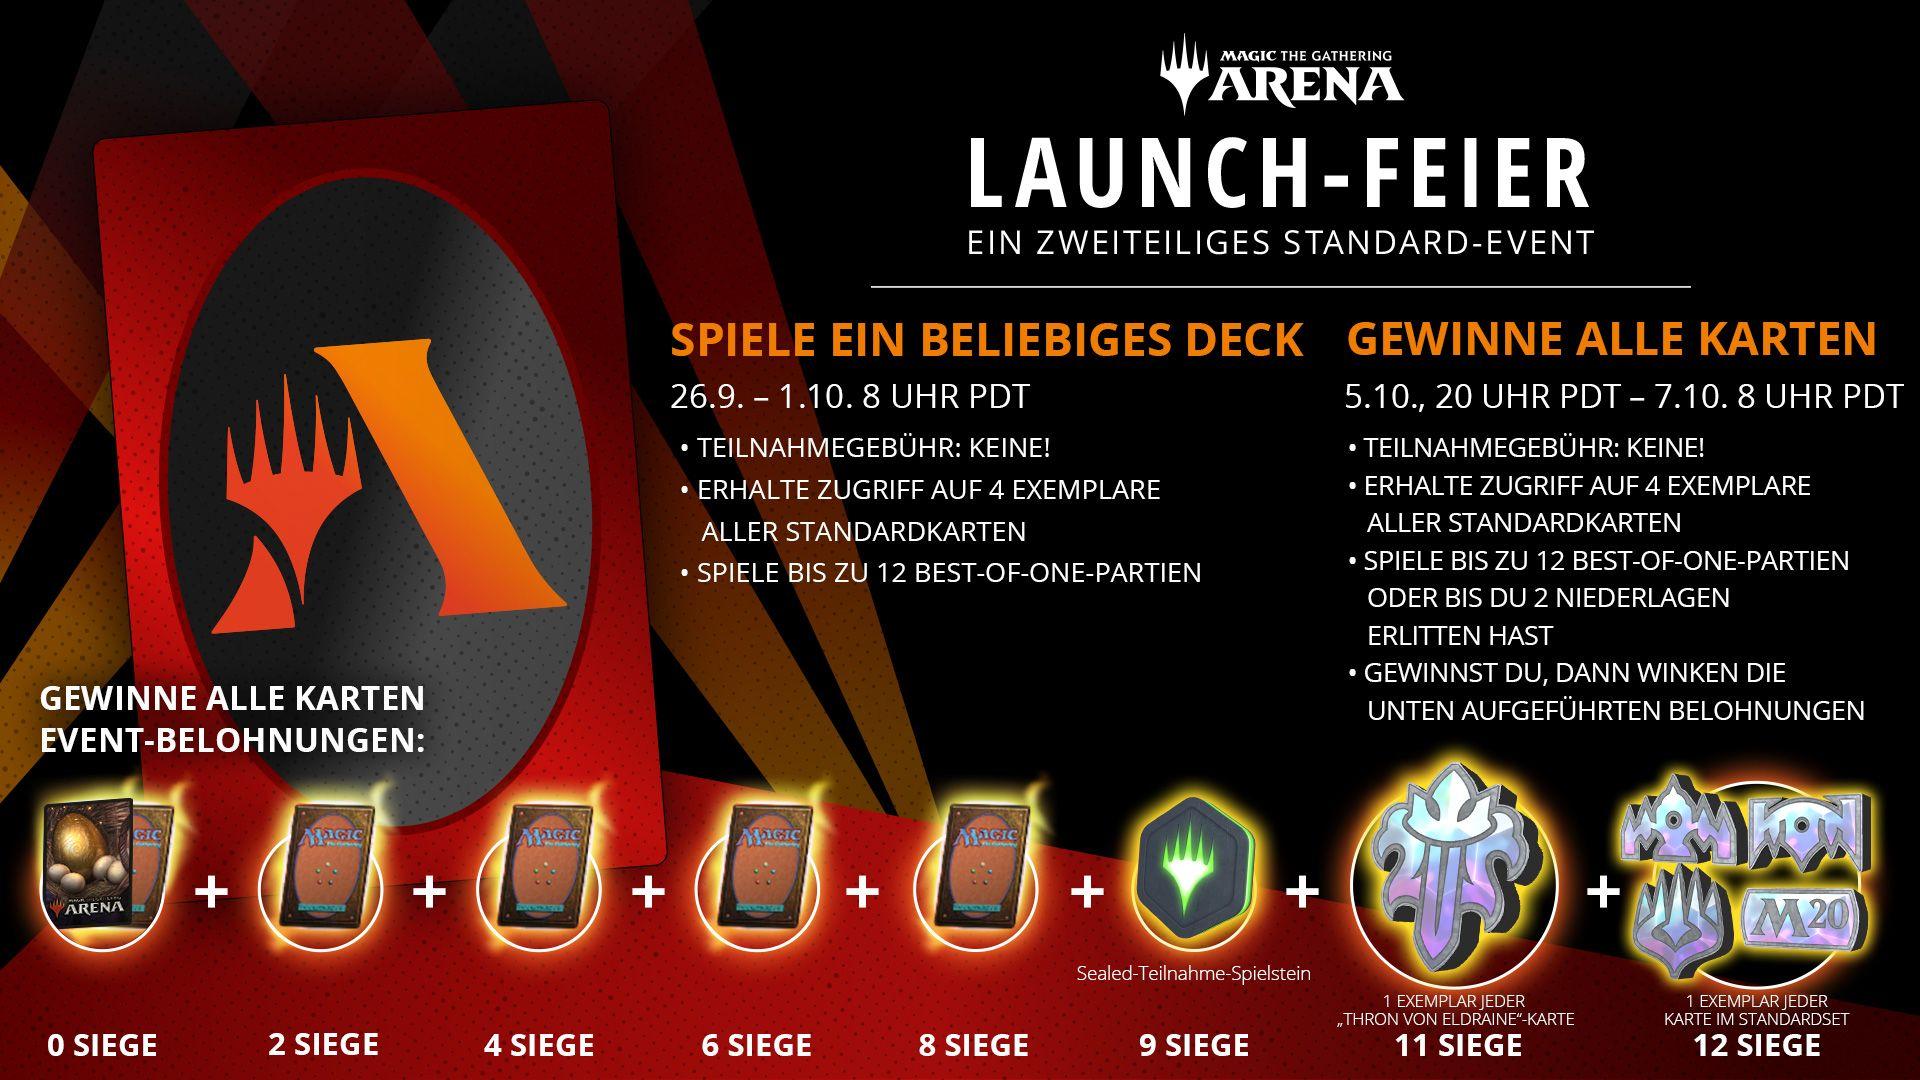 [Magic the Gathering Arena] Gratiskarten durch Launch-Event + 3 Packungen + Viele weitere Codes